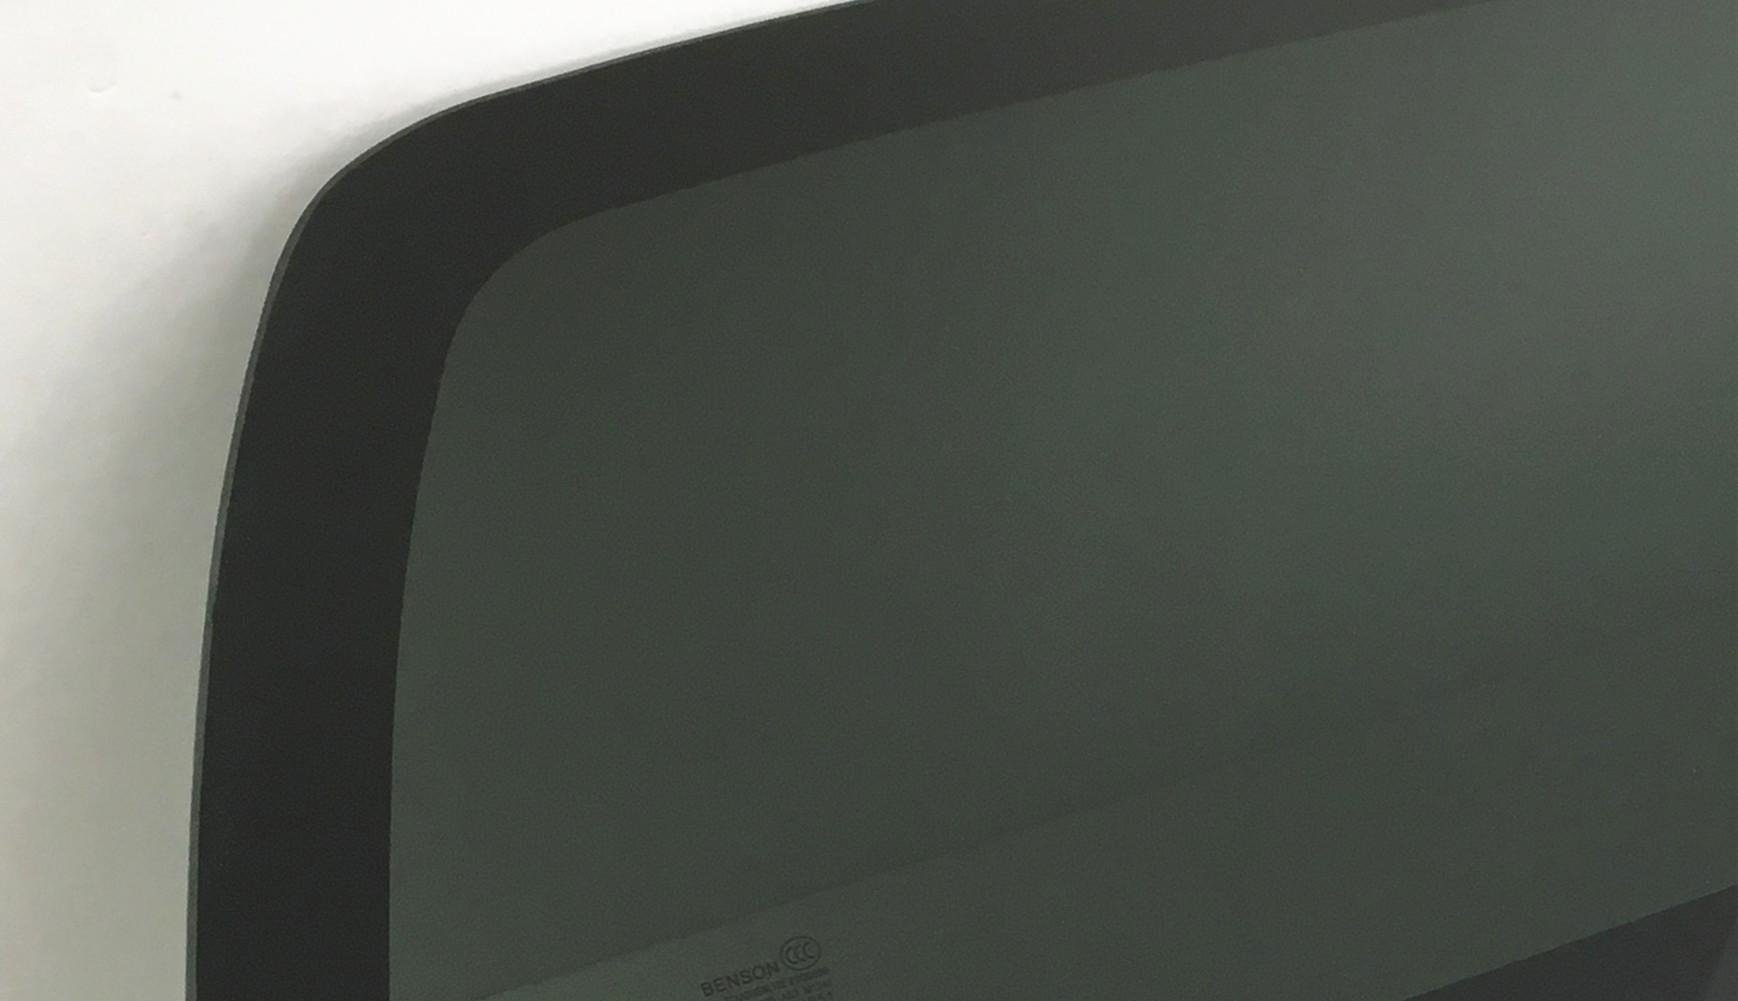 NAGD Compatible with 2005-2010 Dodge Dakota /& Mitsubishi Raider Pickup Rear Back Glass Window Heated Stationary